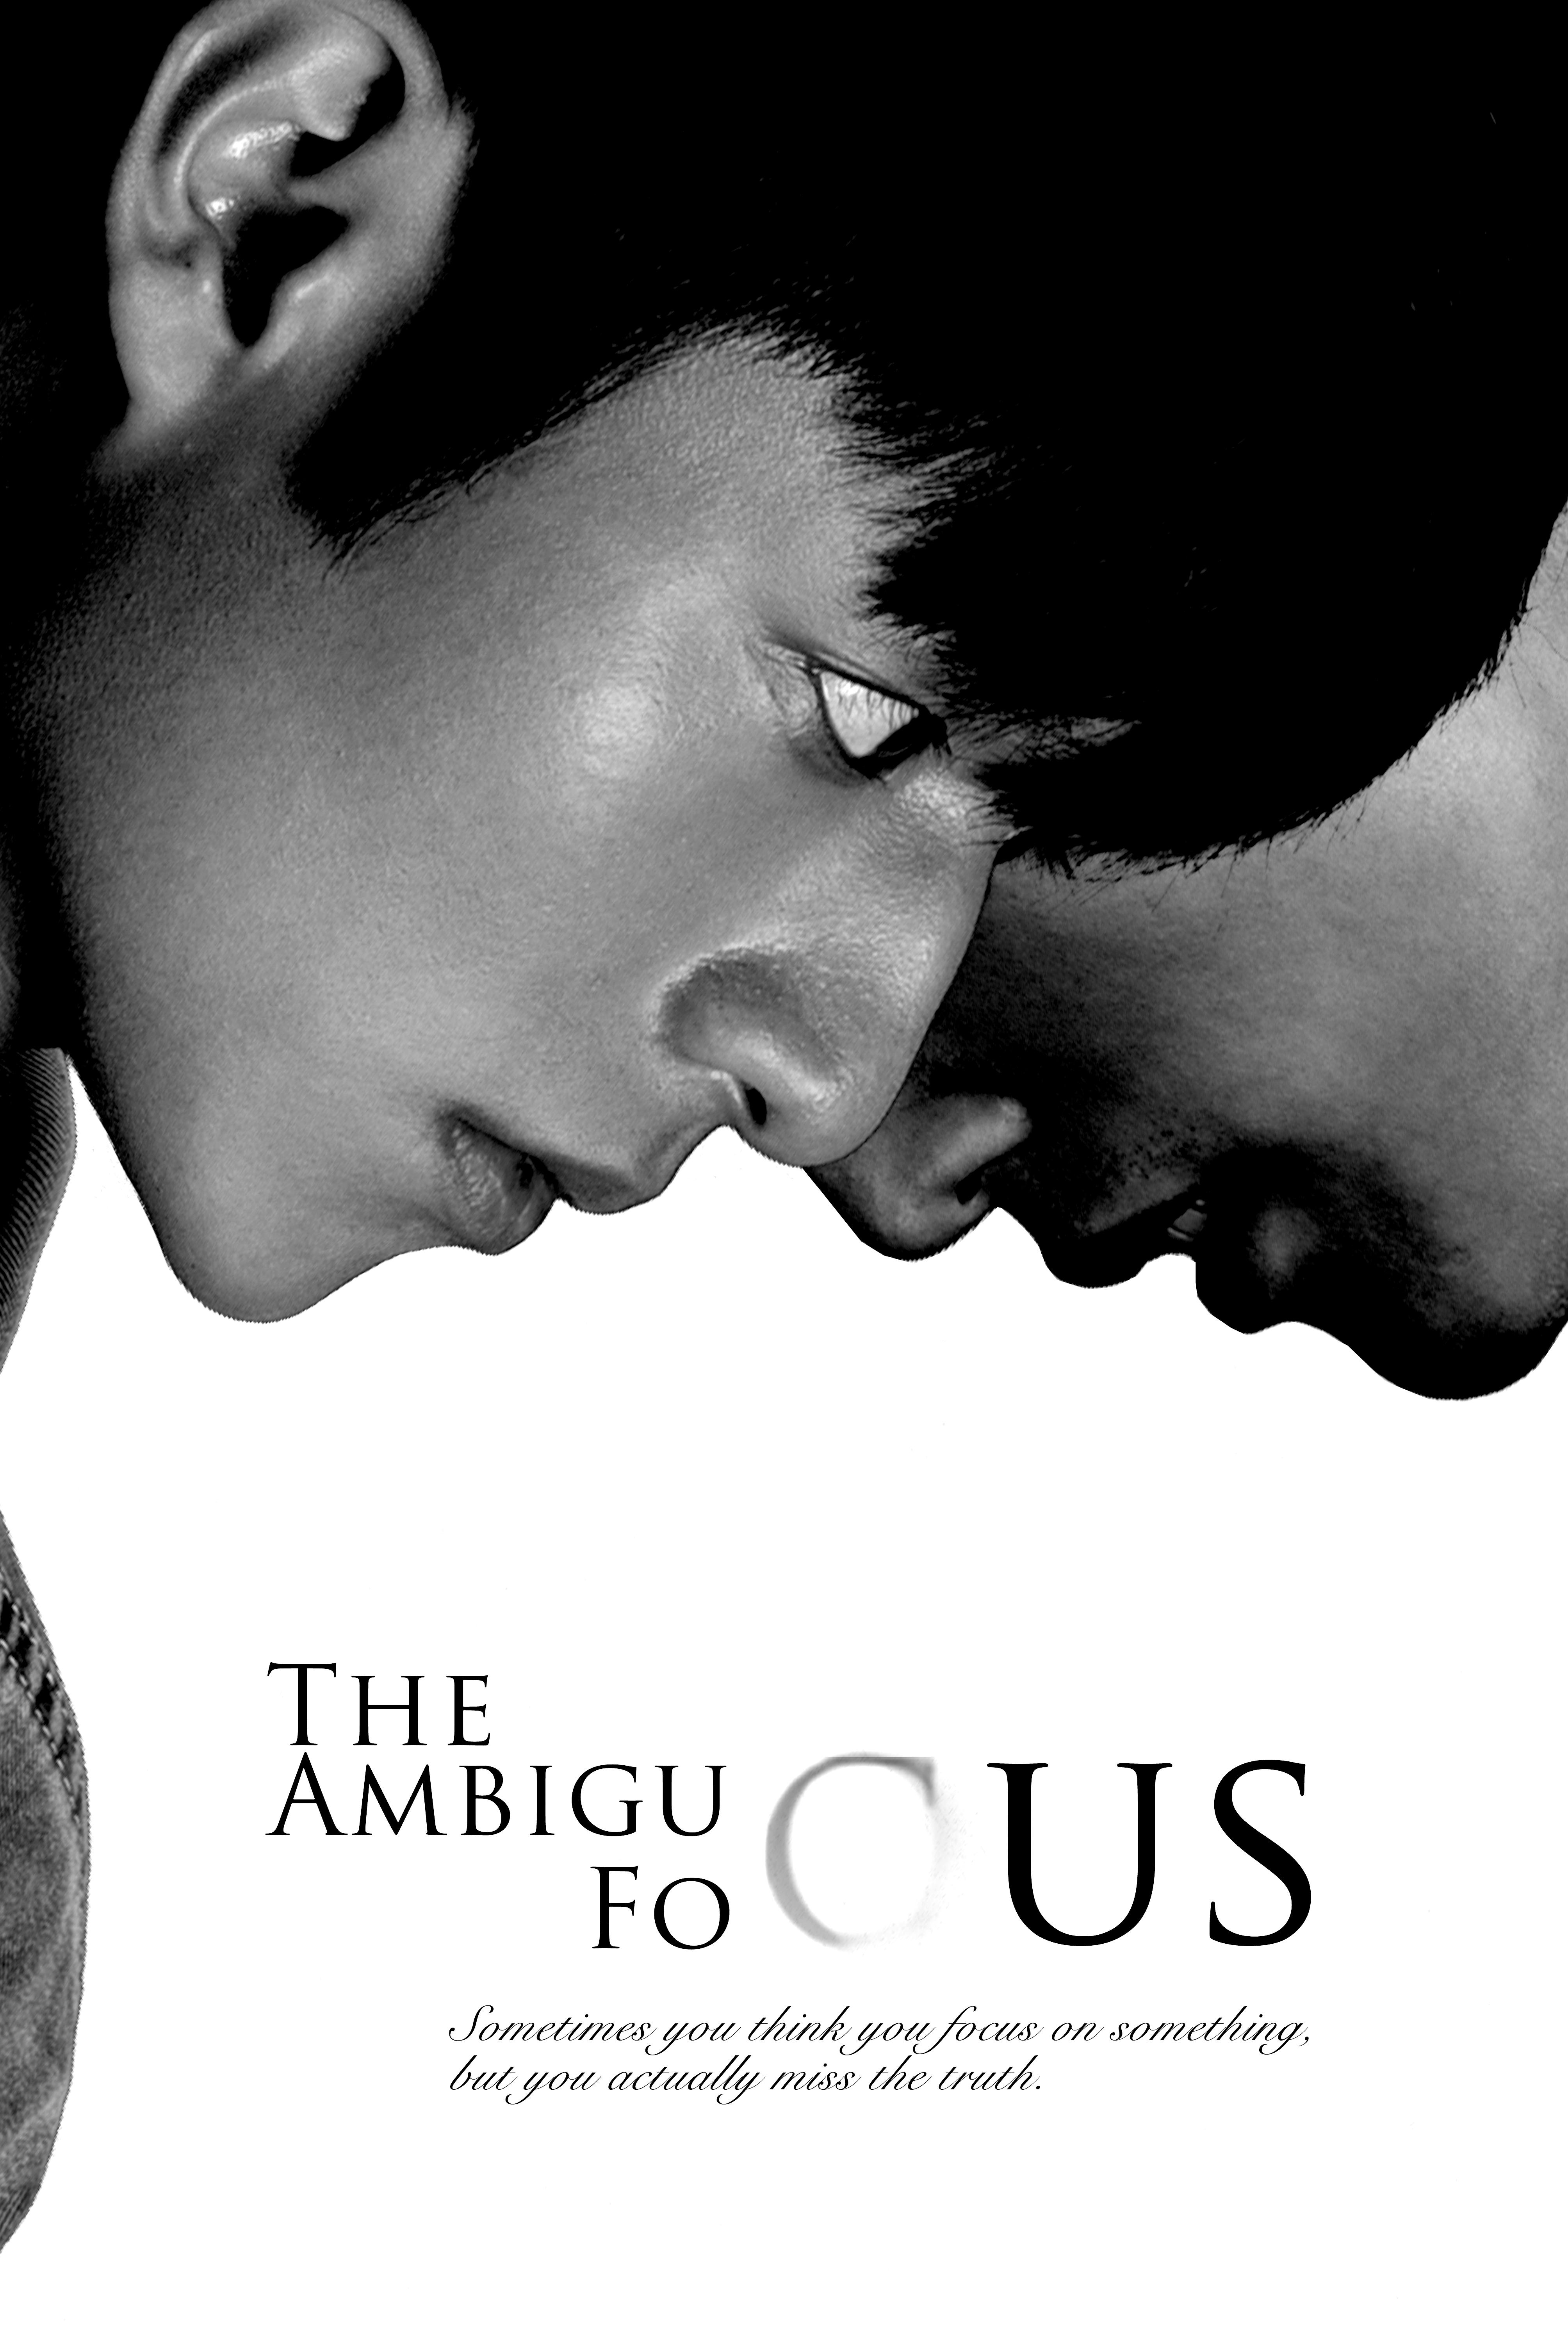 focus movie subtitles free download